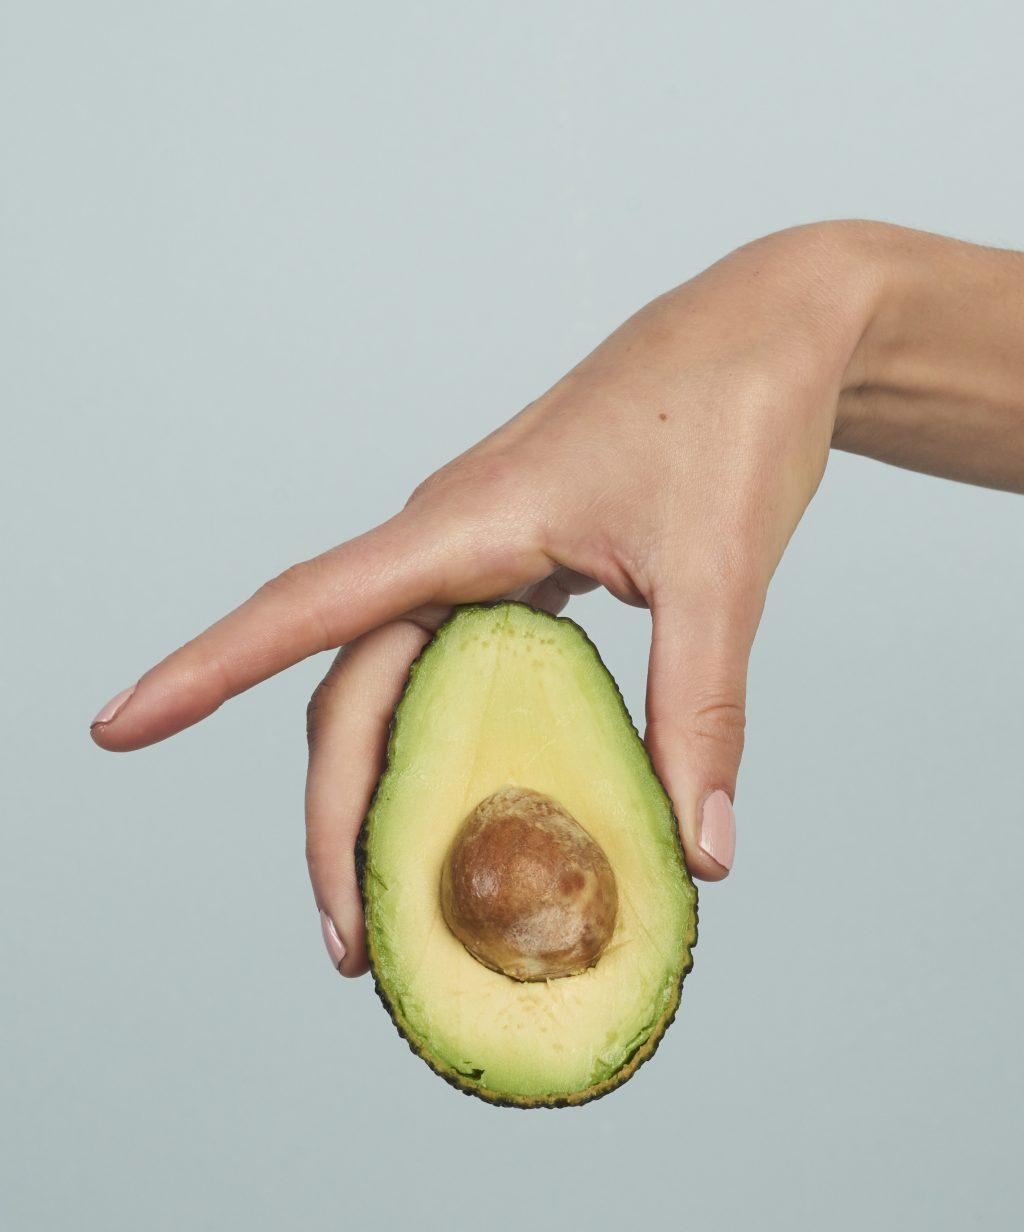 Avocado is één van de ingrediënten in Naif Skincare